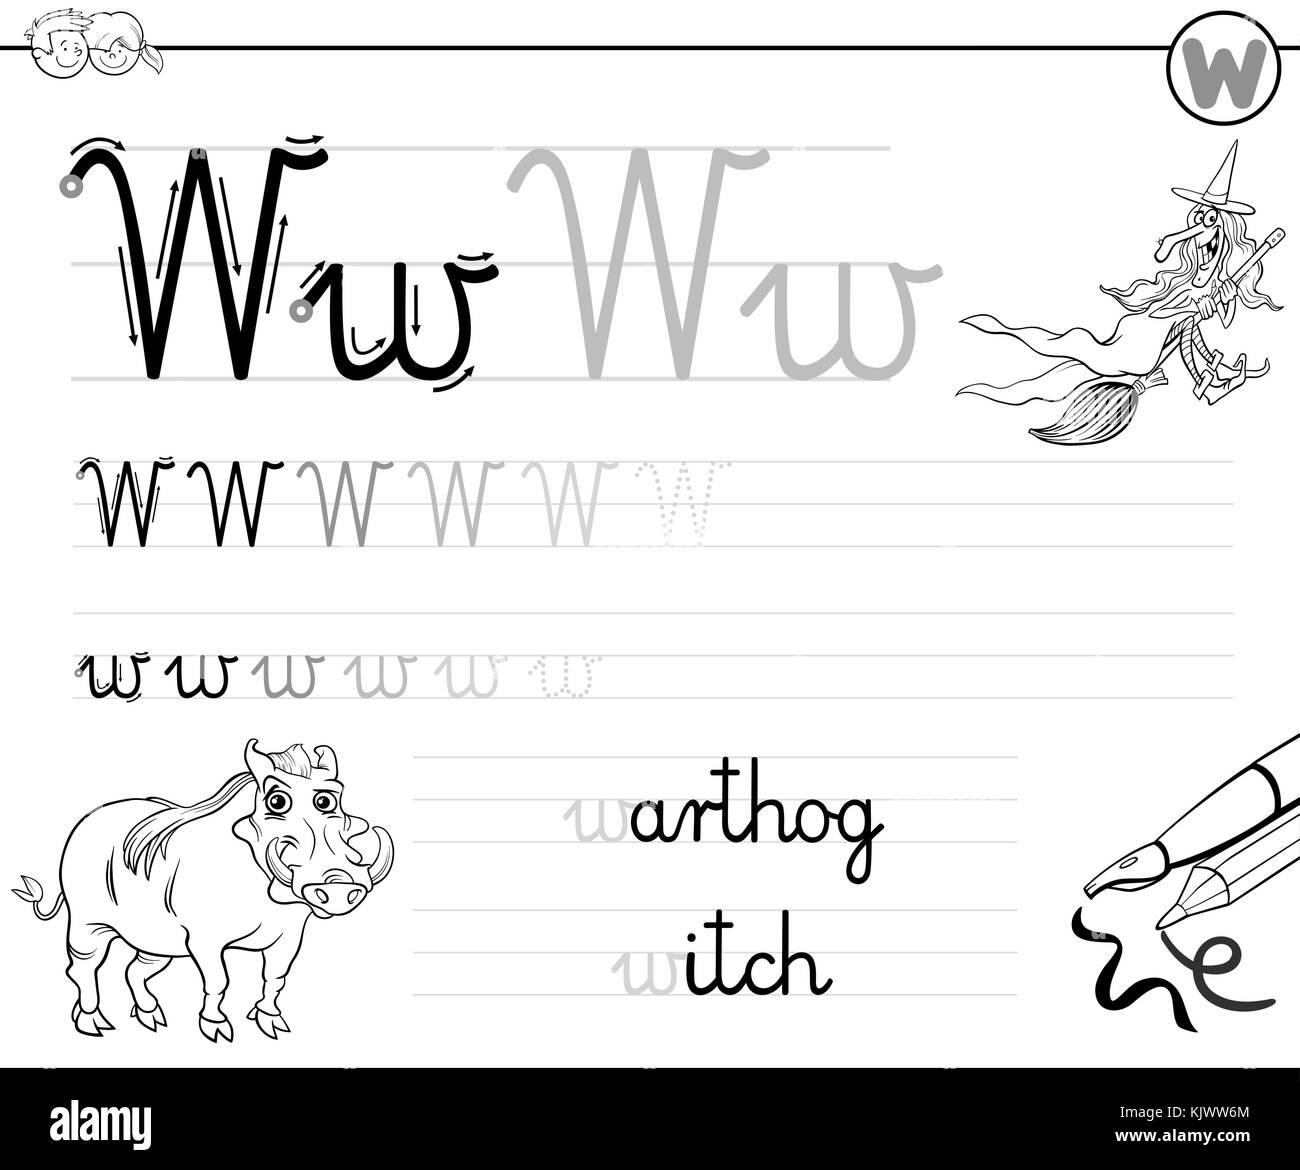 Black White Cartoon Illustration Elementary Stockfotos & Black White ...